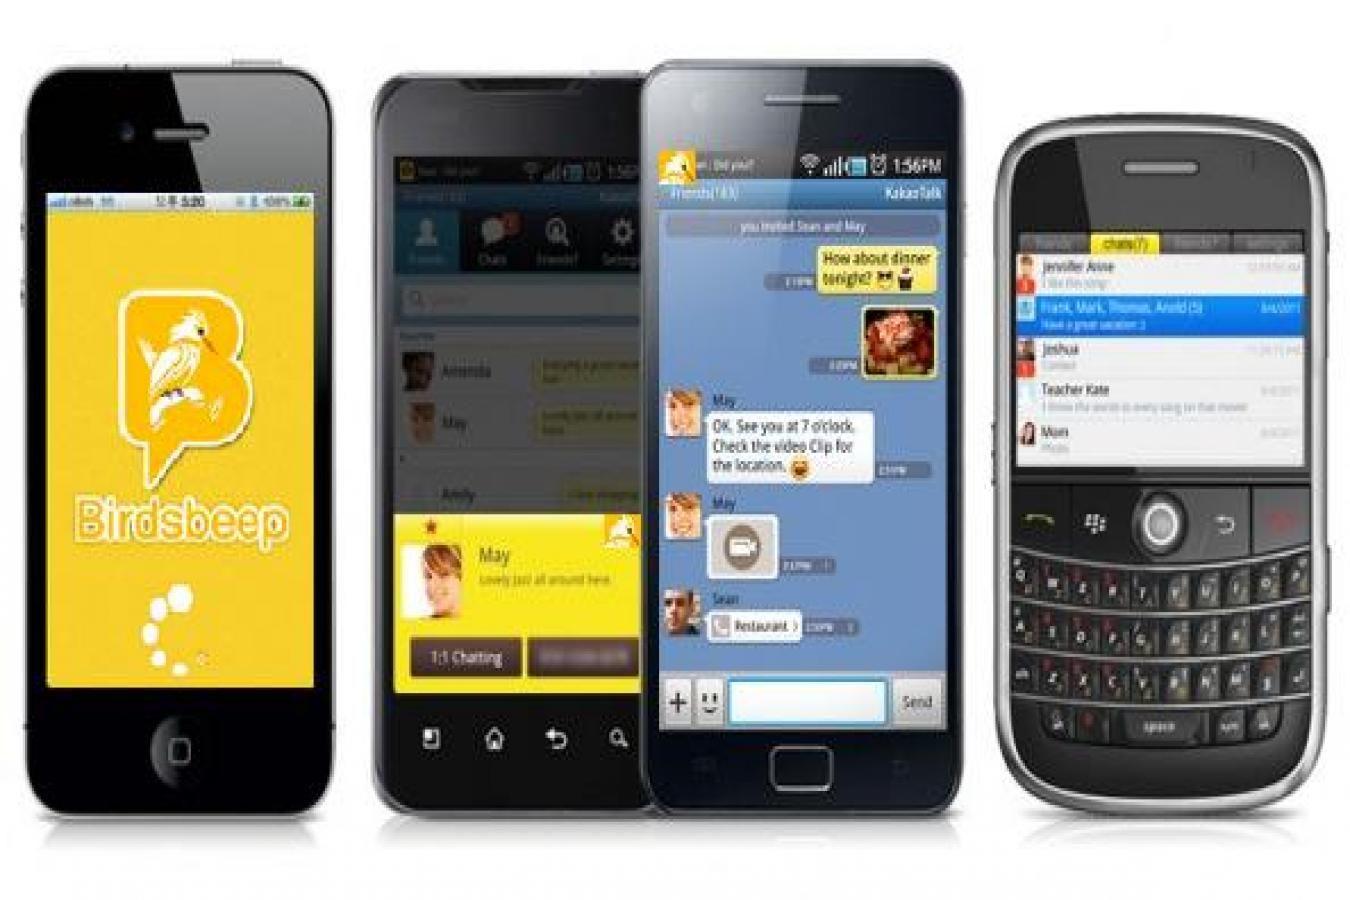 Mobile Phones Apps, Multiplatform Chatting Application